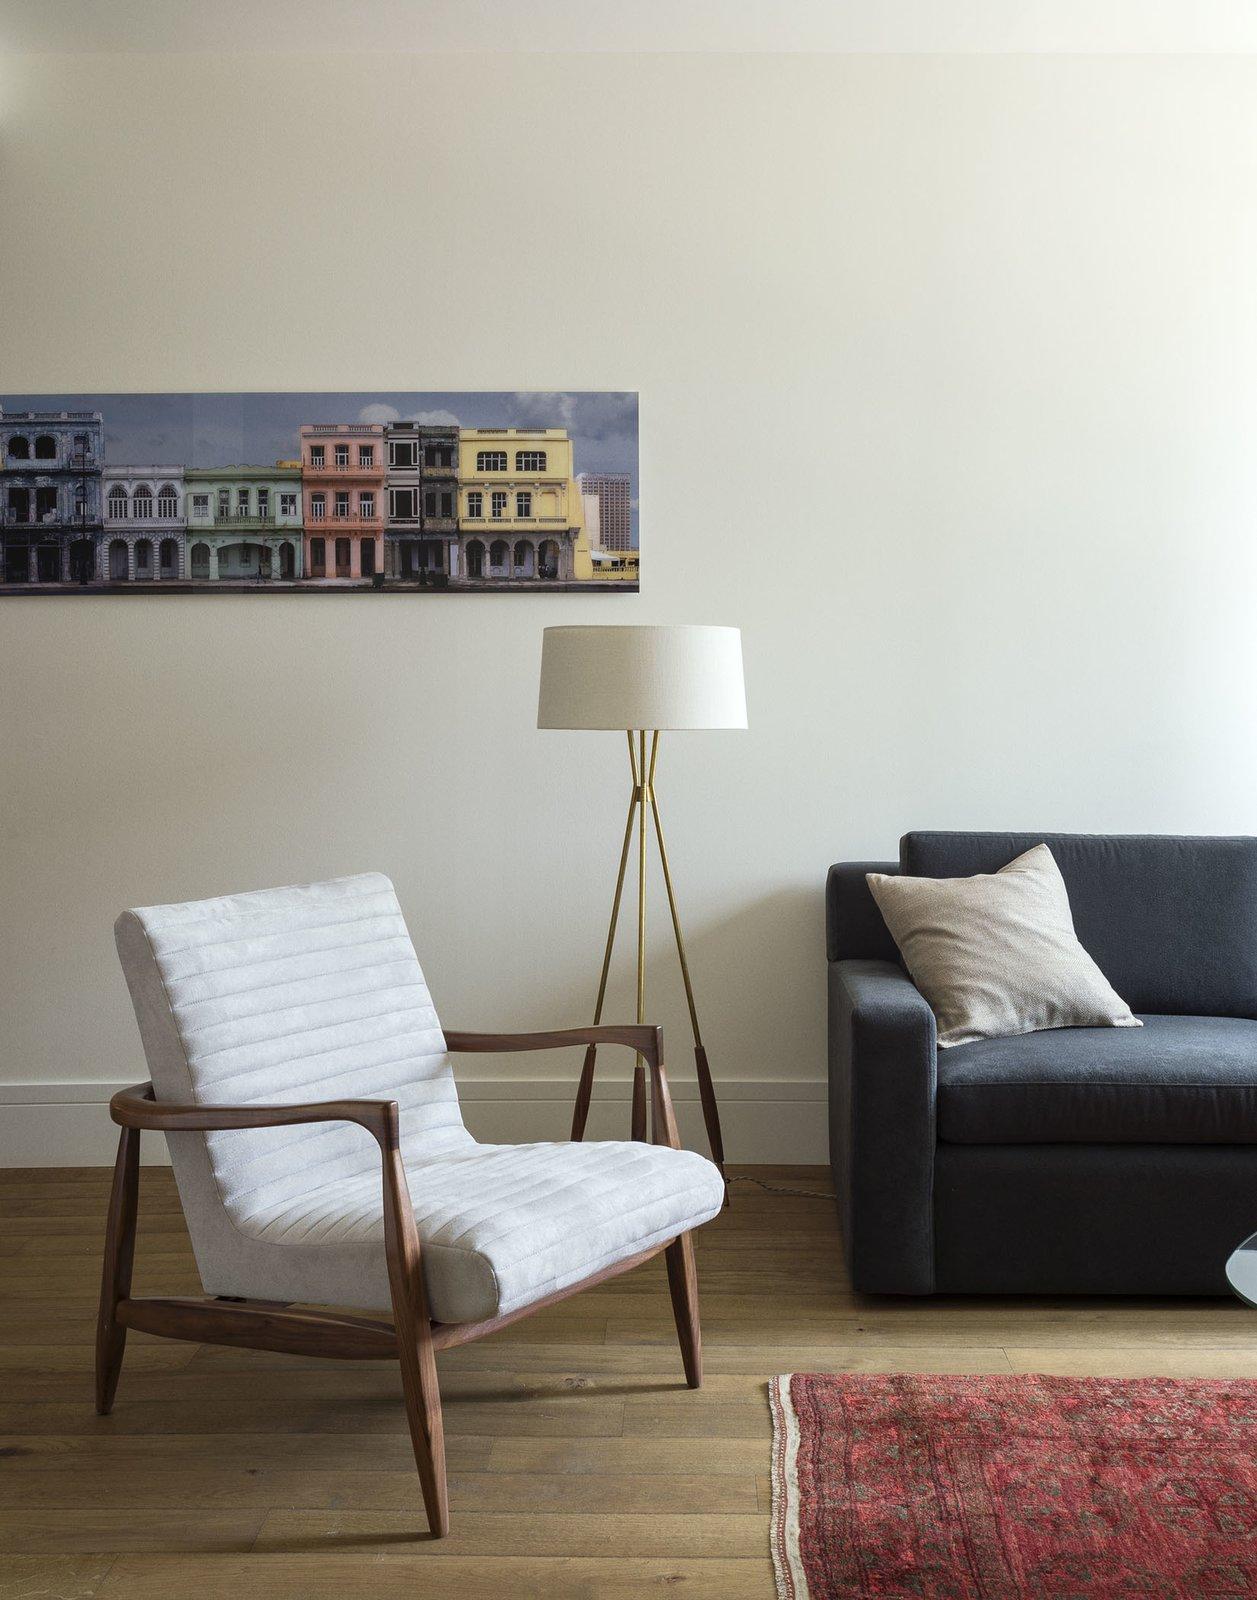 ROOST Midtown by Daniel Olsovsky